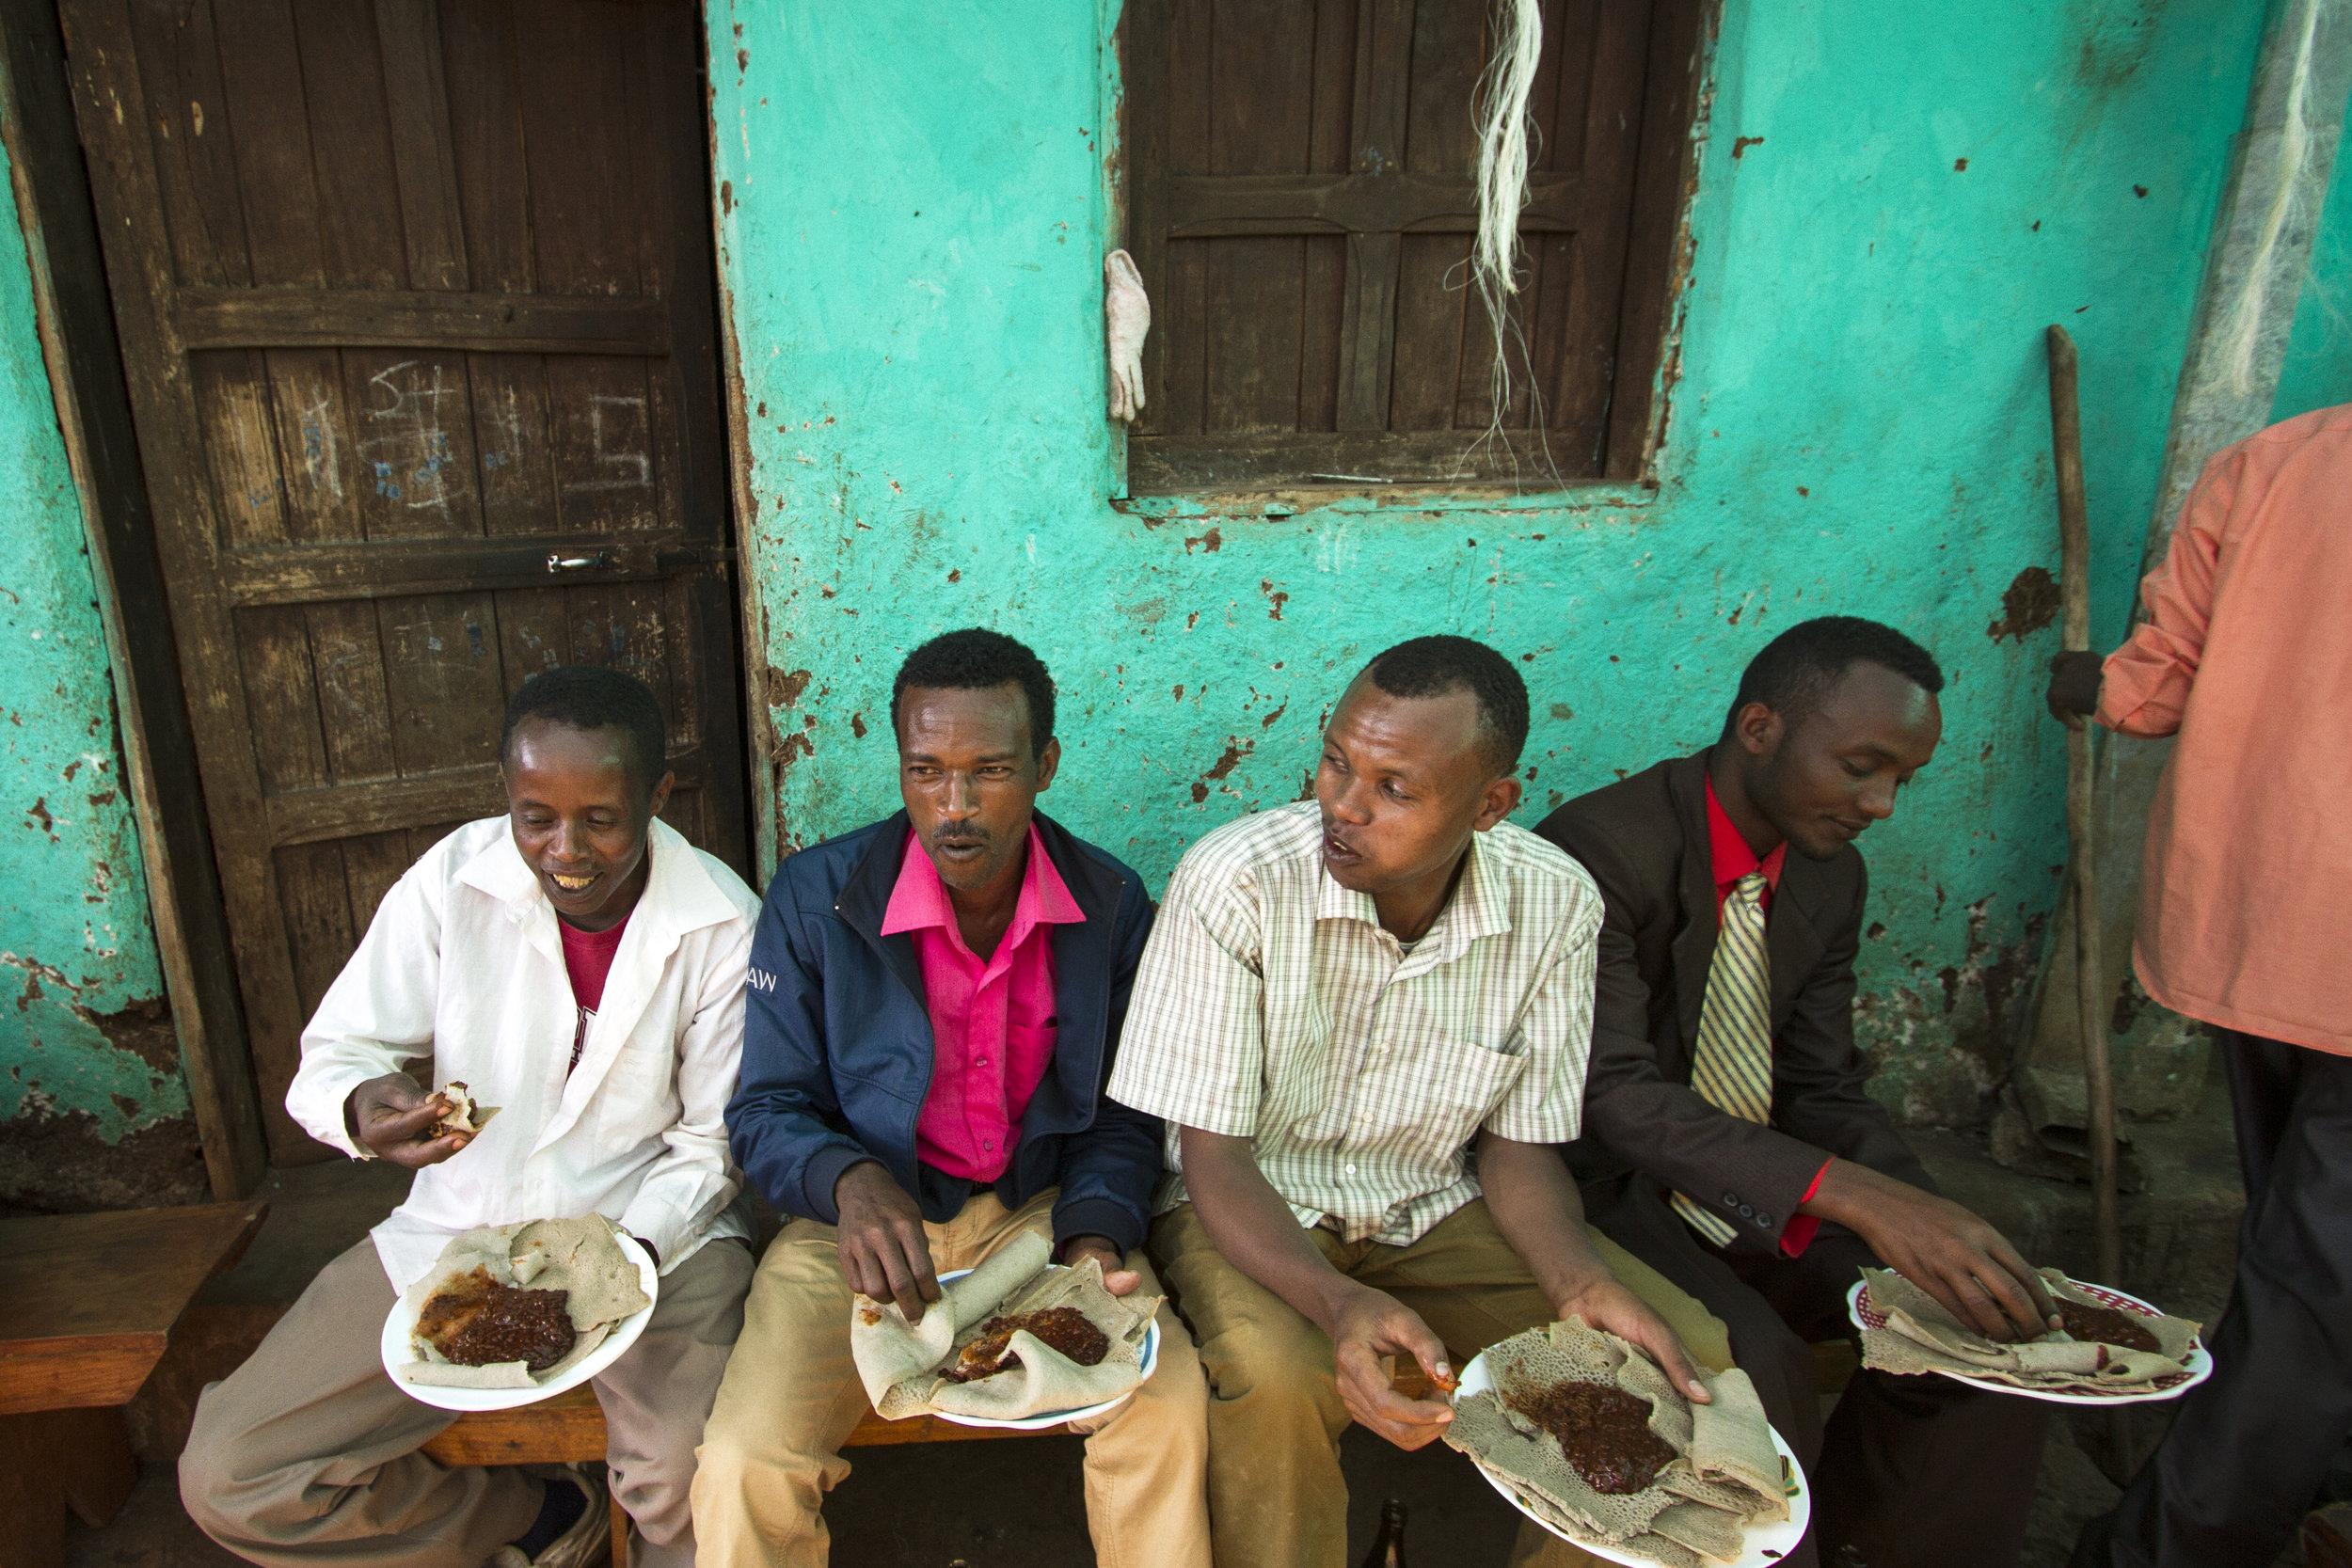 WEDDING_ETHIOPIA.jpg